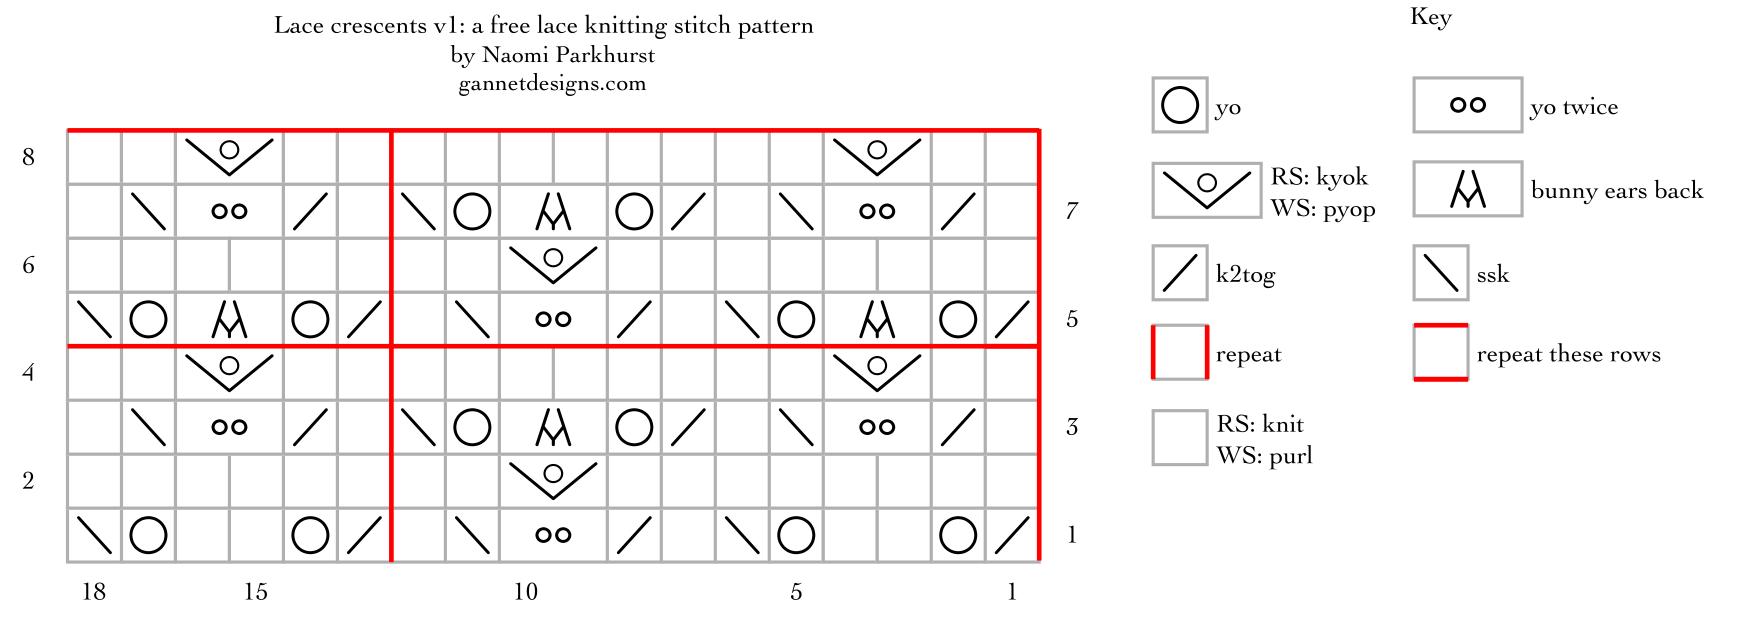 Lace Crescents v1: a free lace knitting stitch pattern, by Naomi Parkhurst